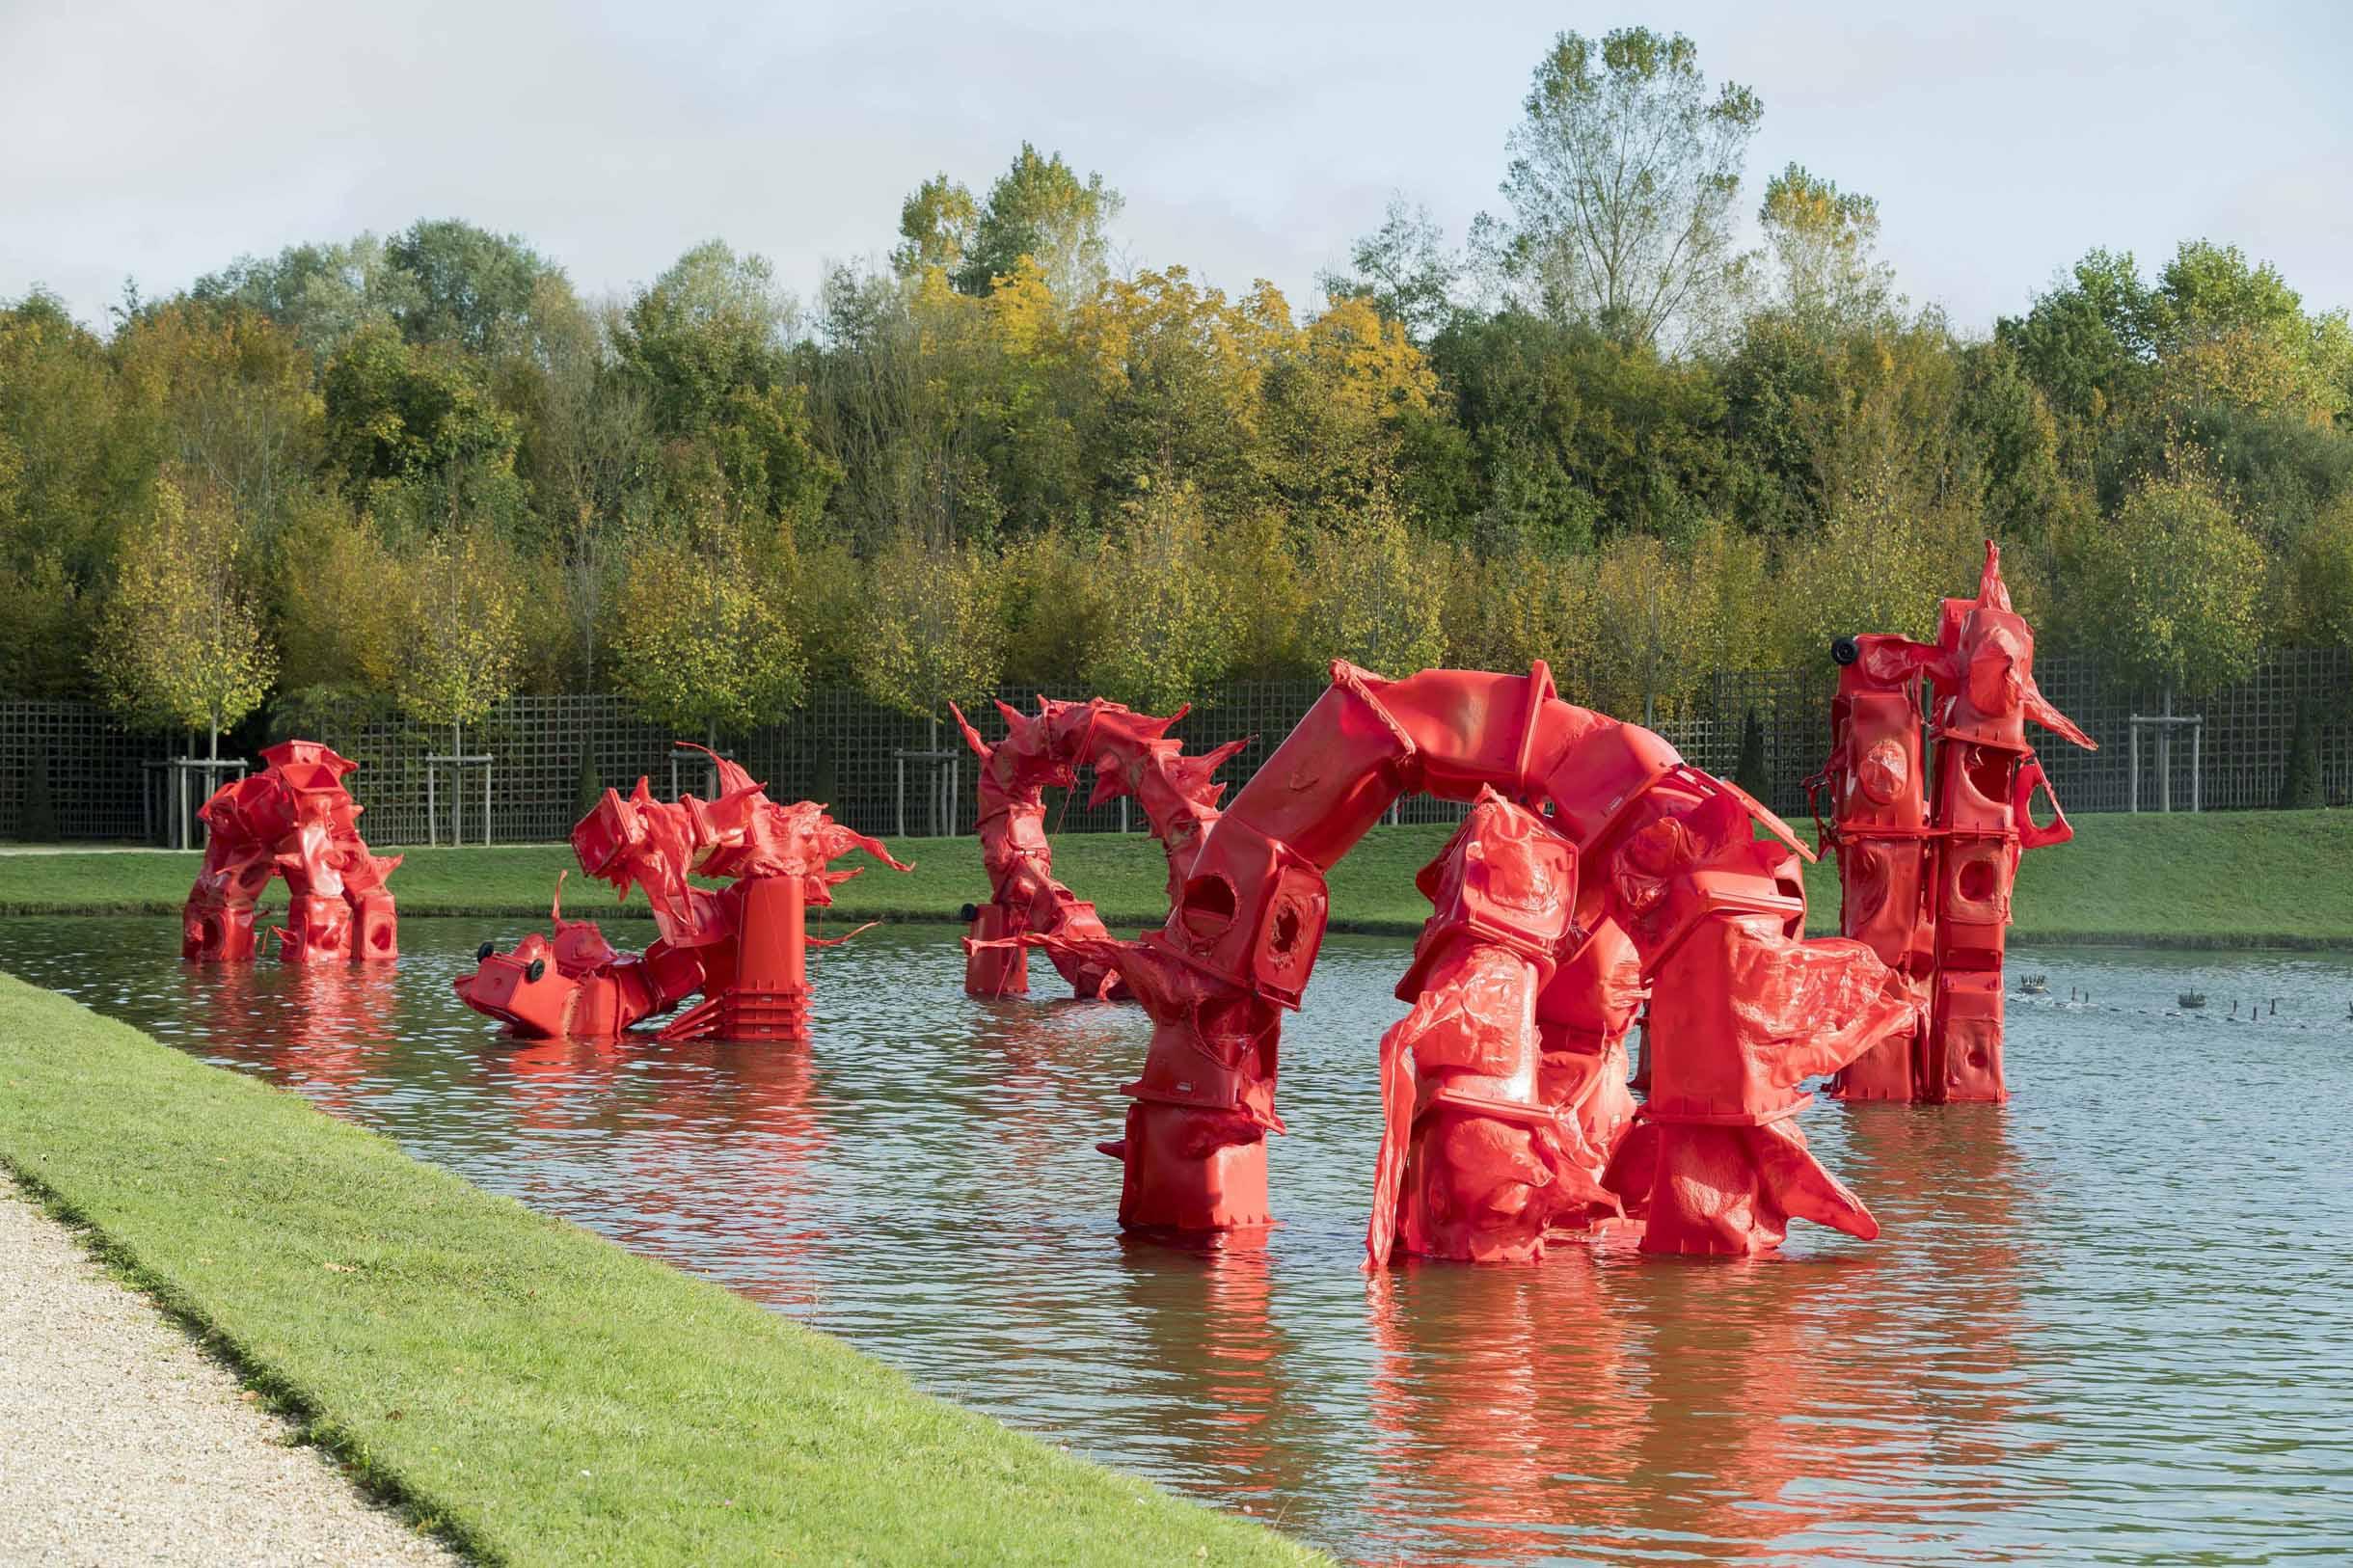 La sculptrice Anita Molinero s'approprie le bassin du miroir avec des  objets communs réalisés en PVC.